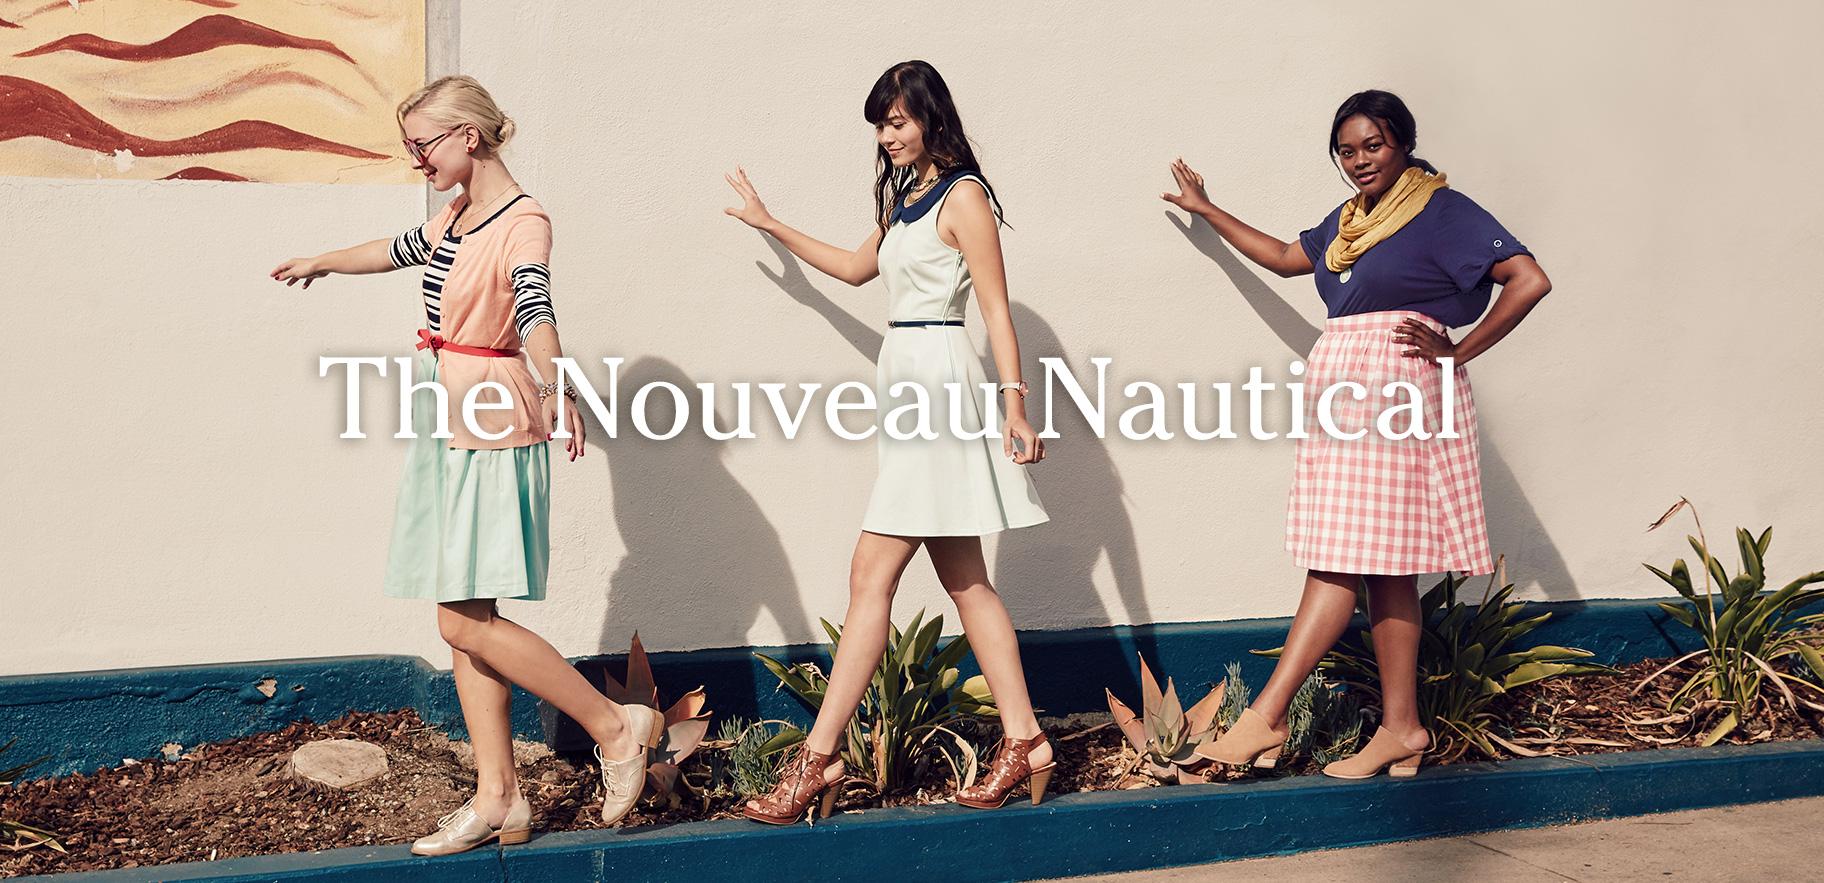 The Nouveau Nautical